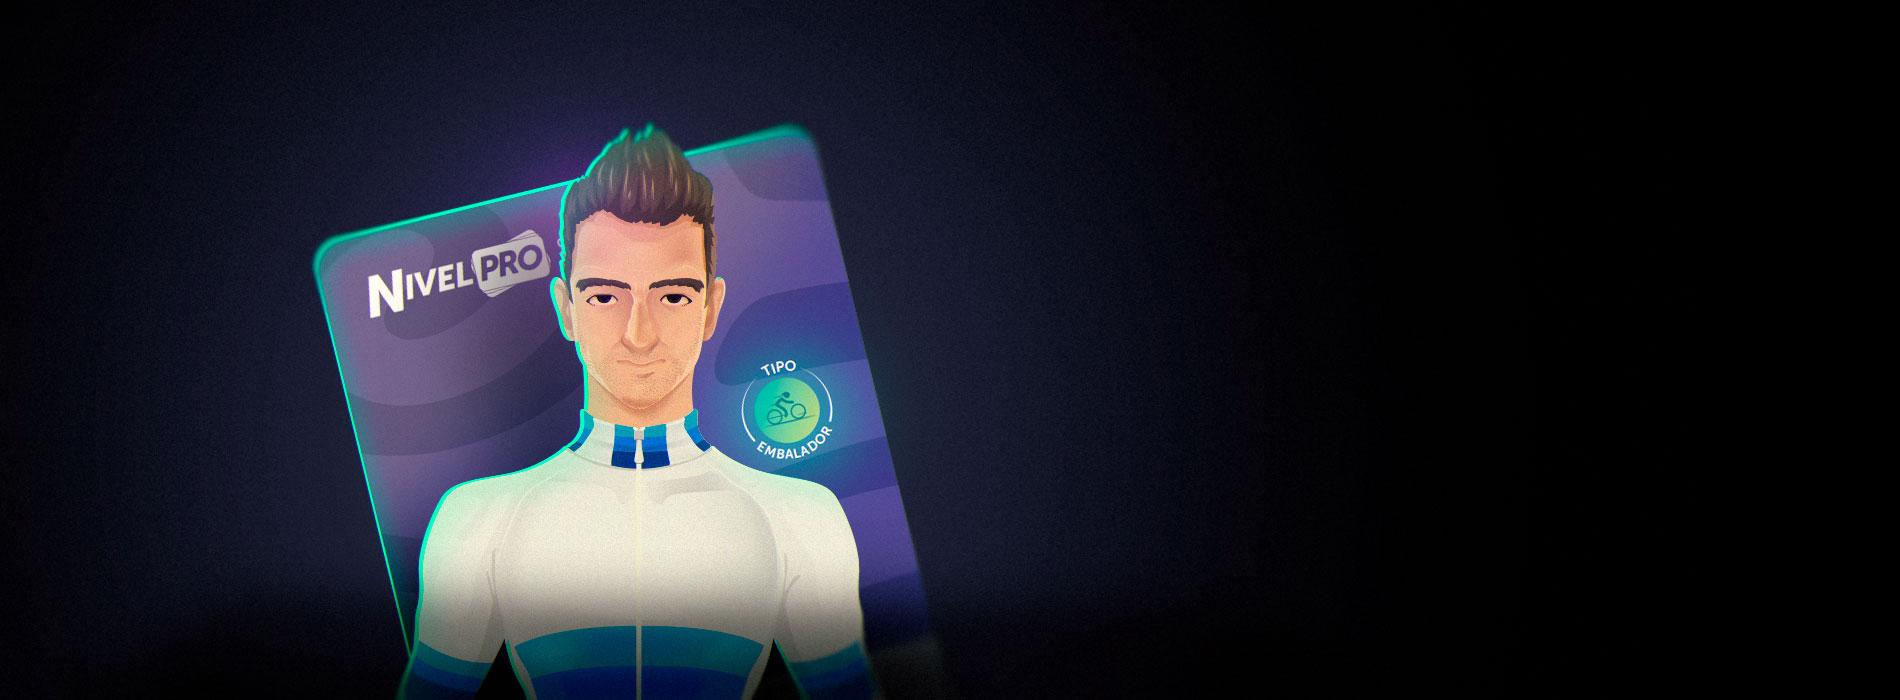 Descarga Nivel Pro, el nuevo juego de ciclismo hecho por Señal Colombia